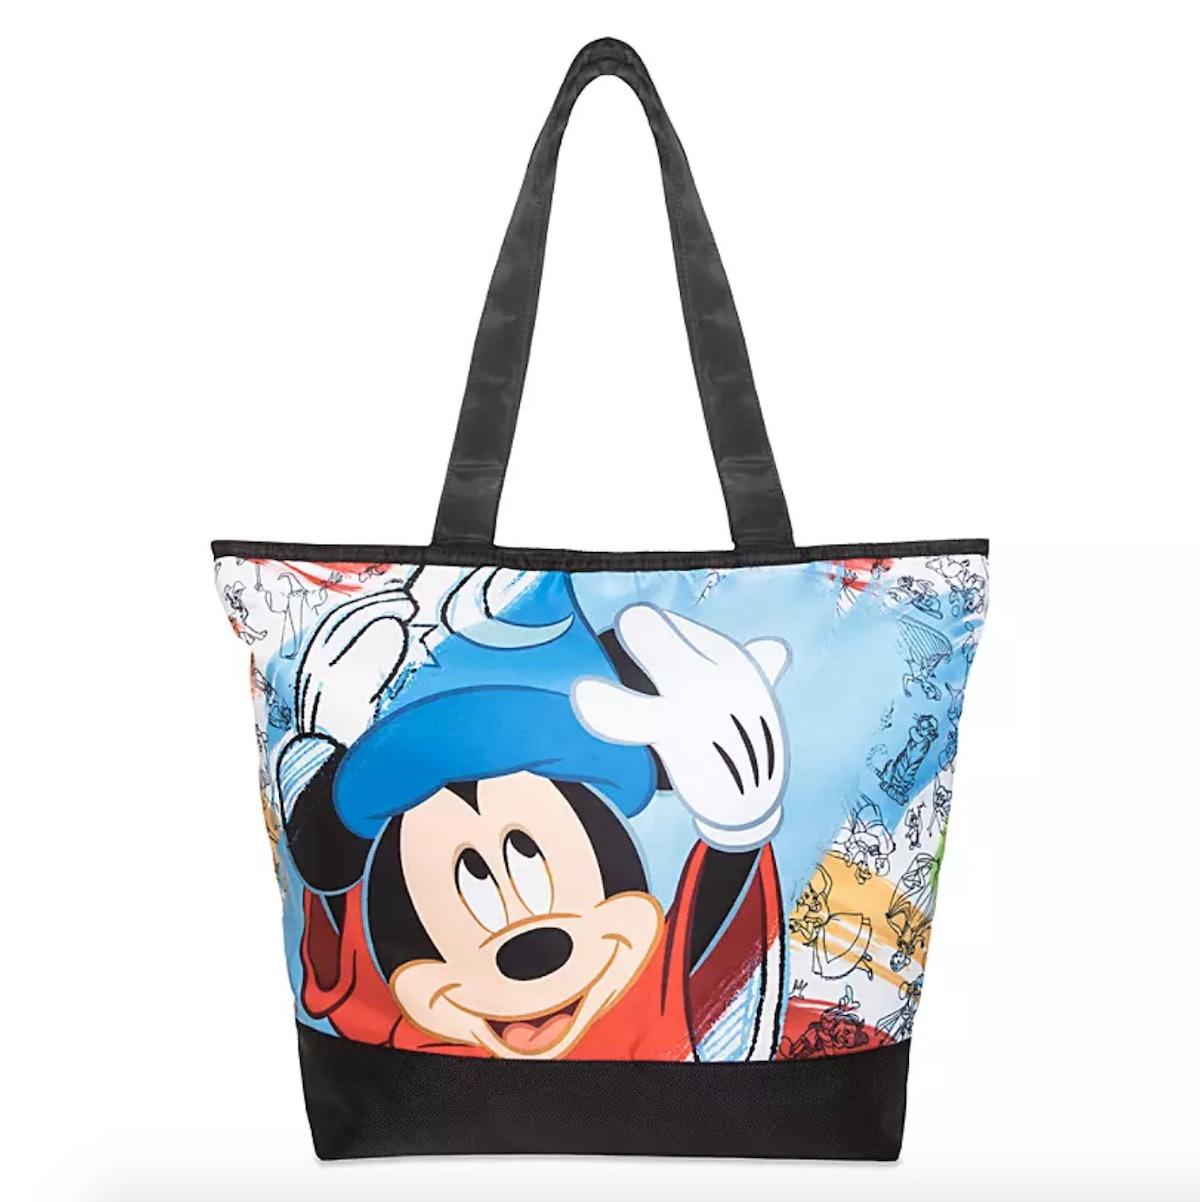 Disney Ink & Paint Tote Bag